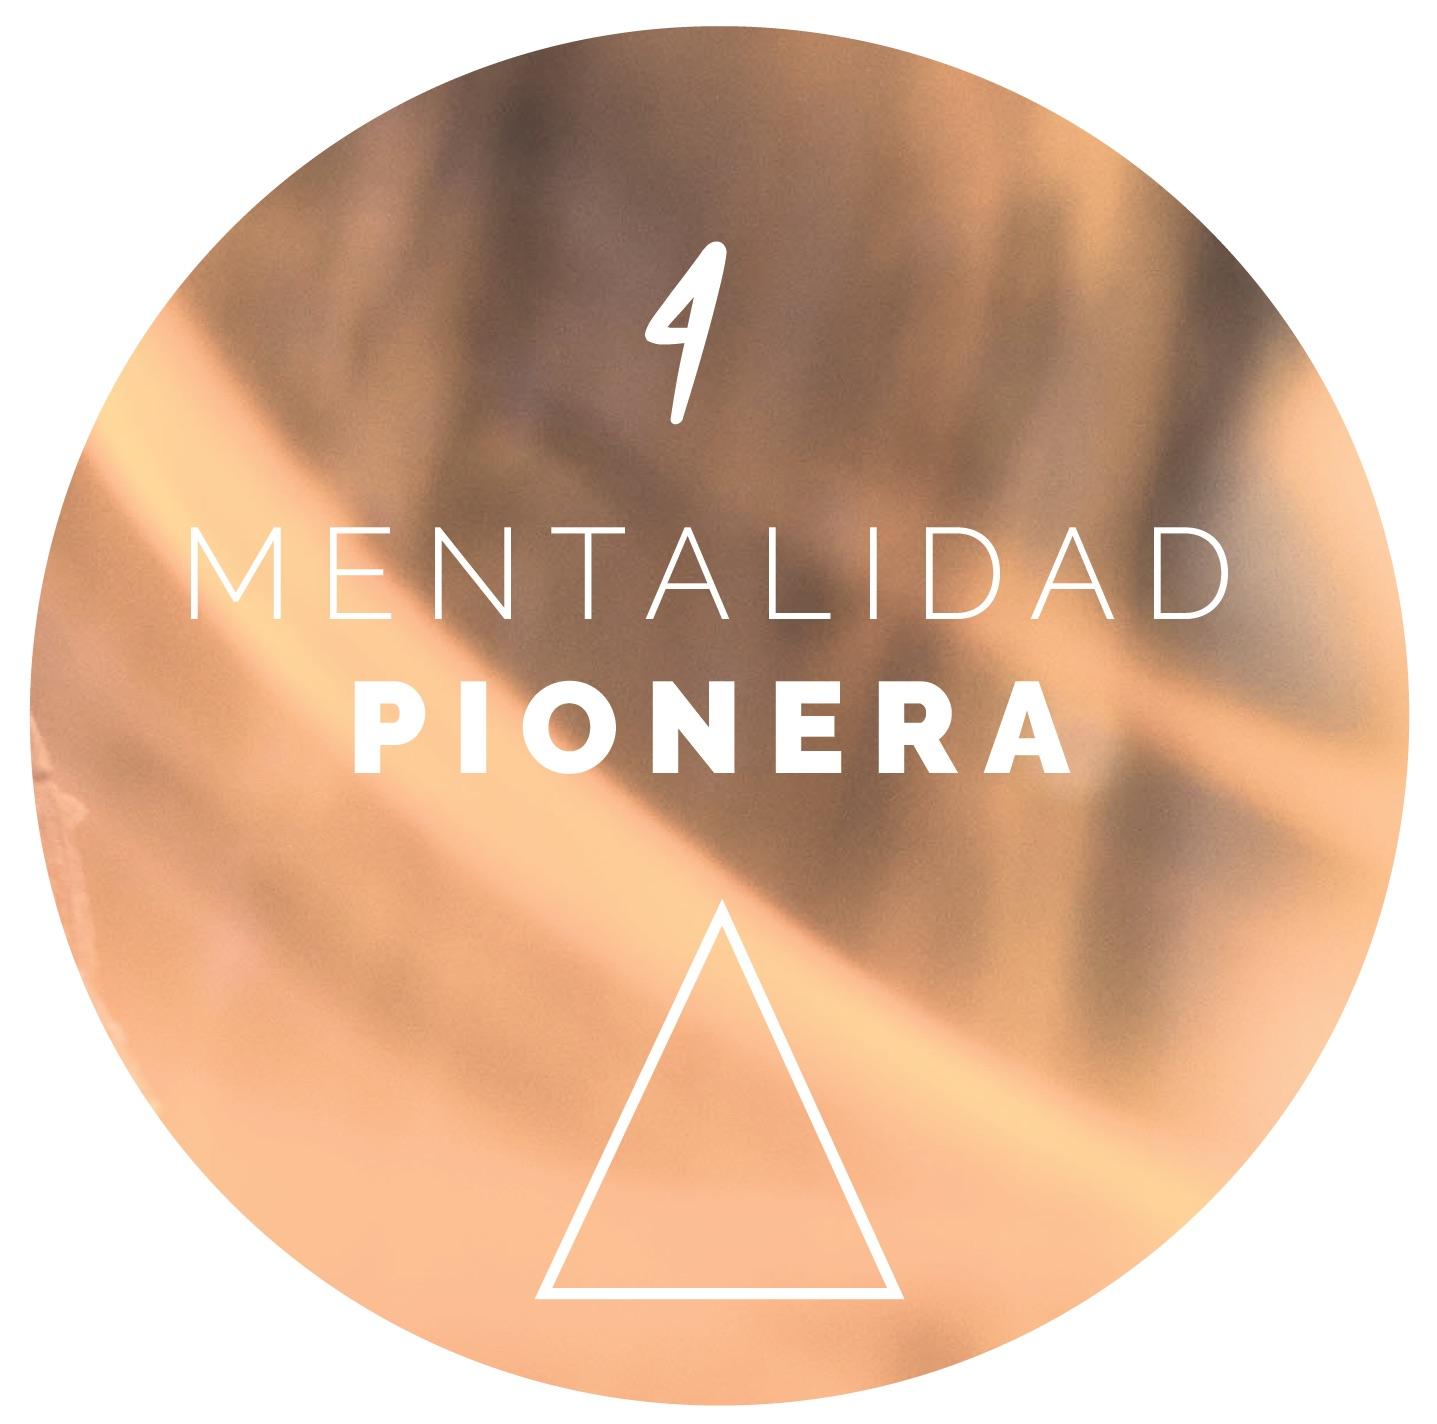 mentalidad_pioneraok_icon.jpg